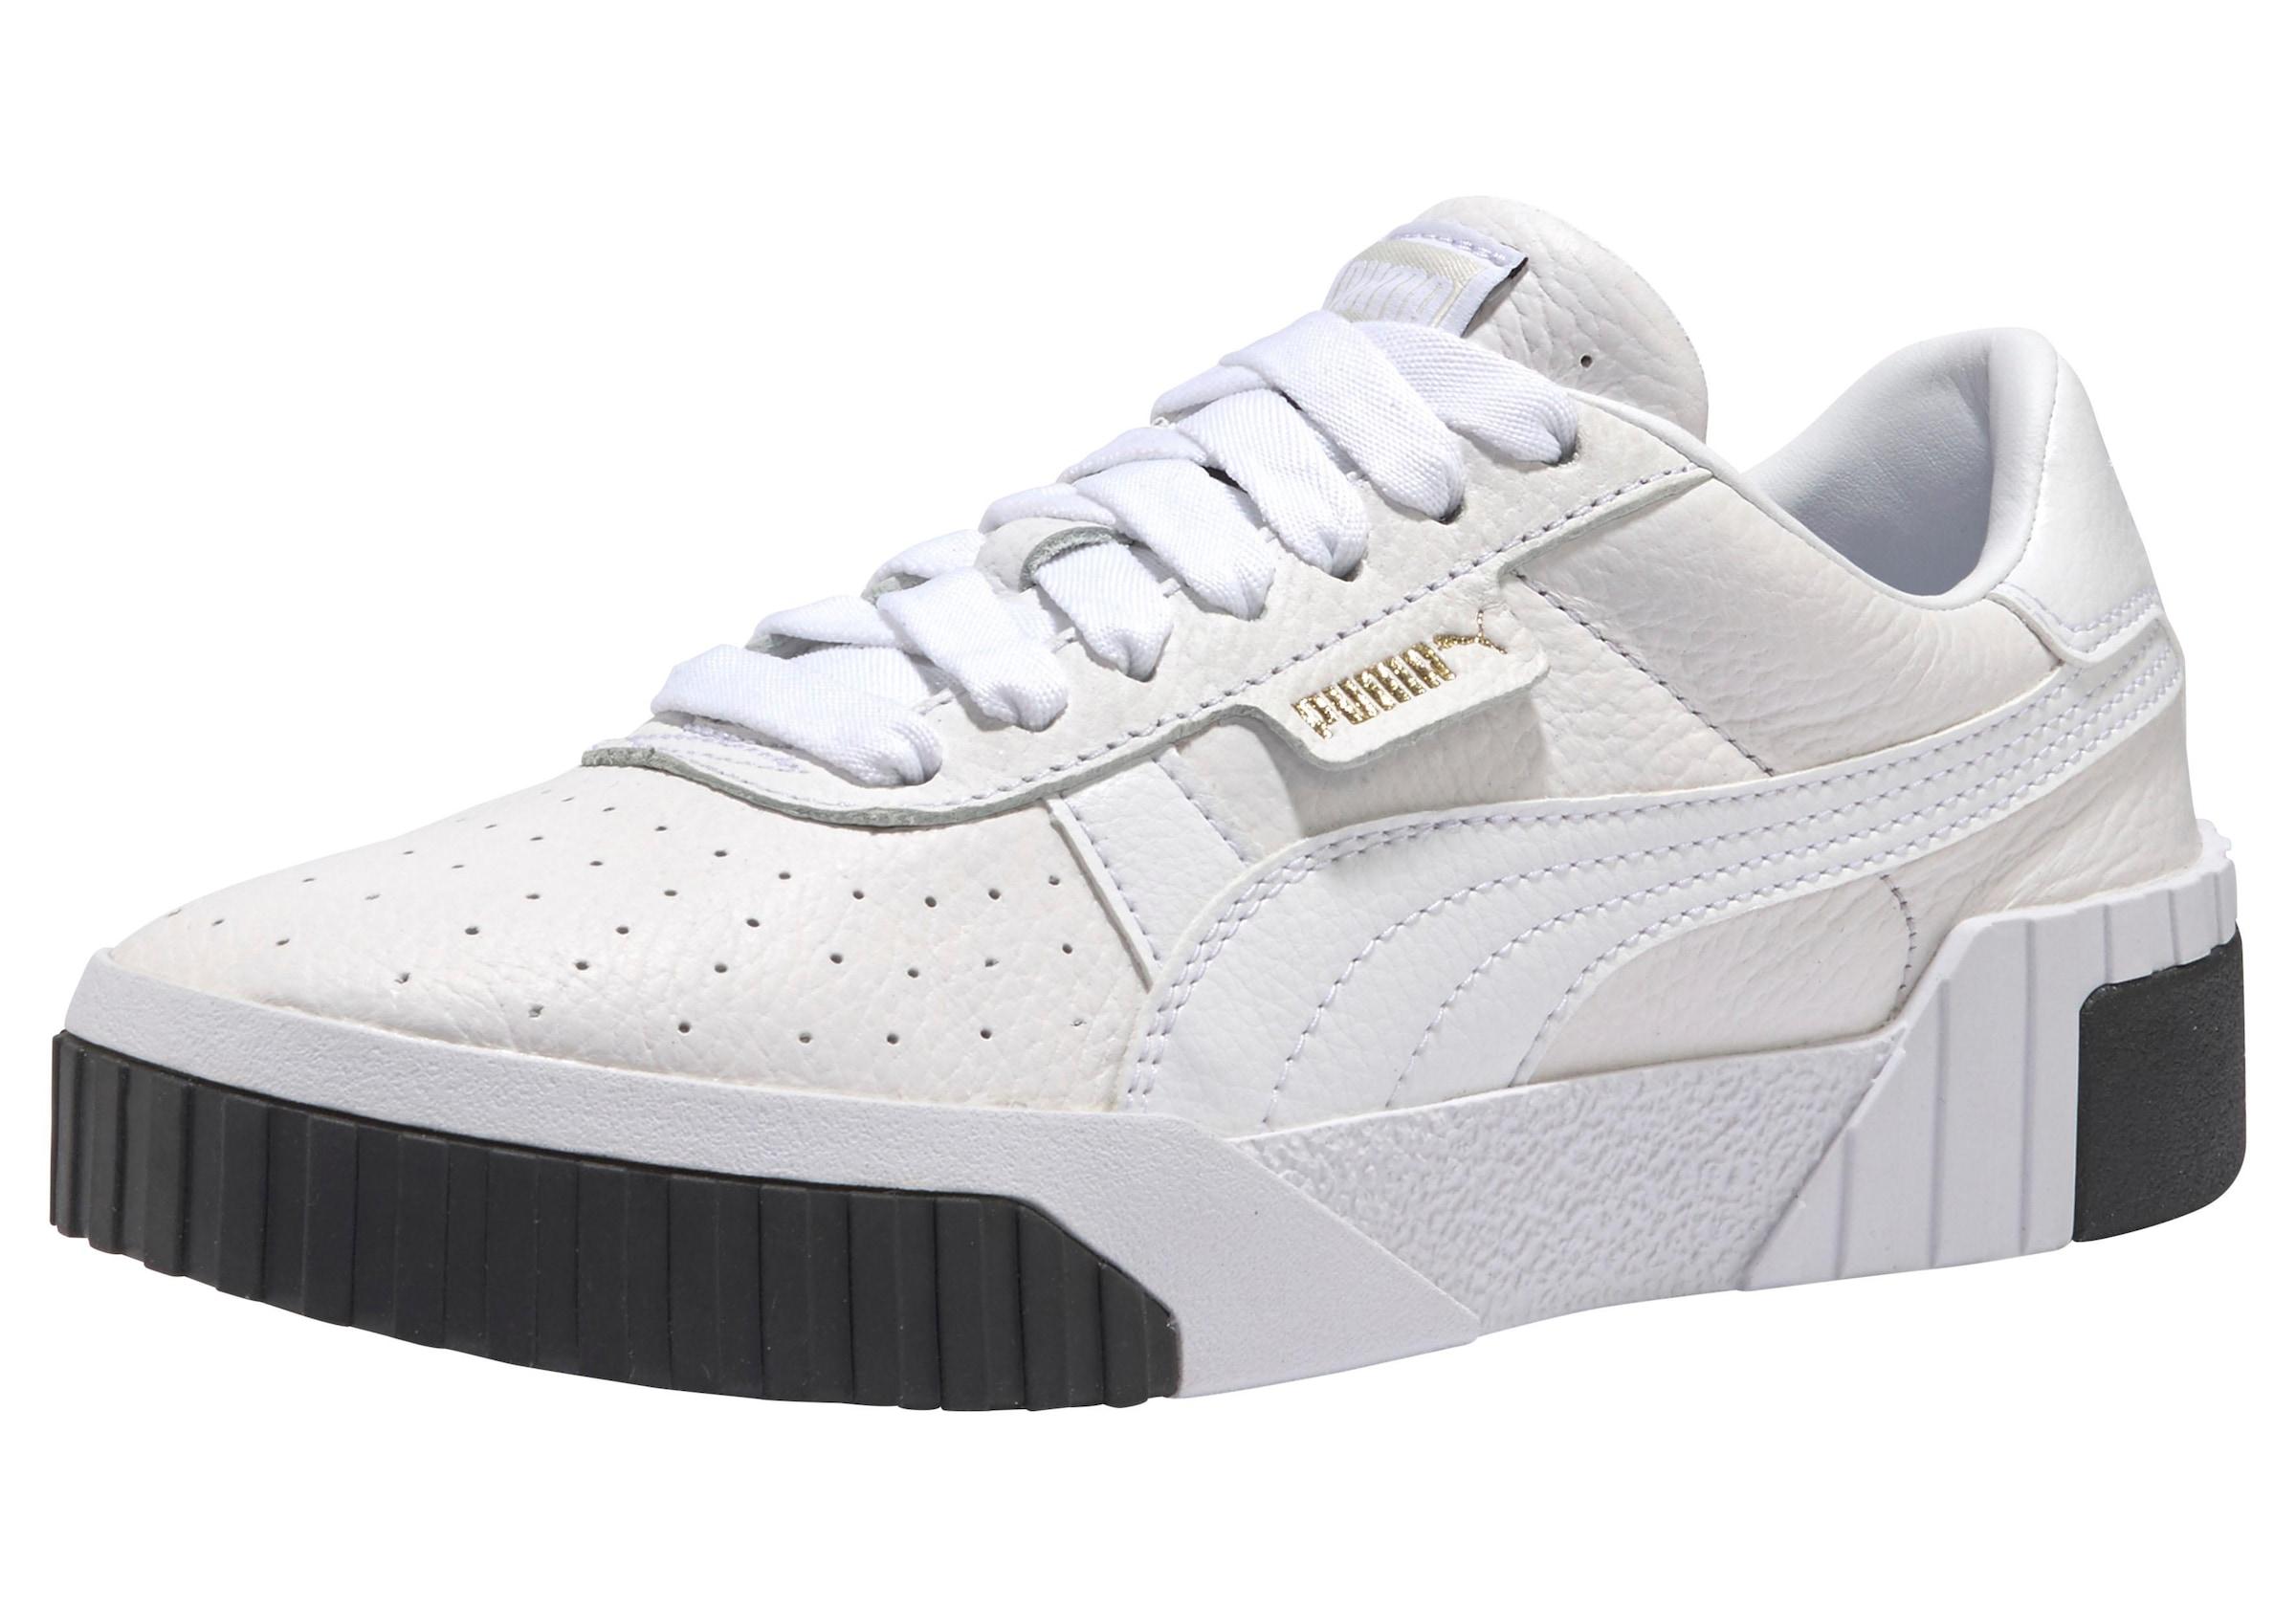 PUMA Sneaker »Cali Wn's« per Rechnung | BAUR